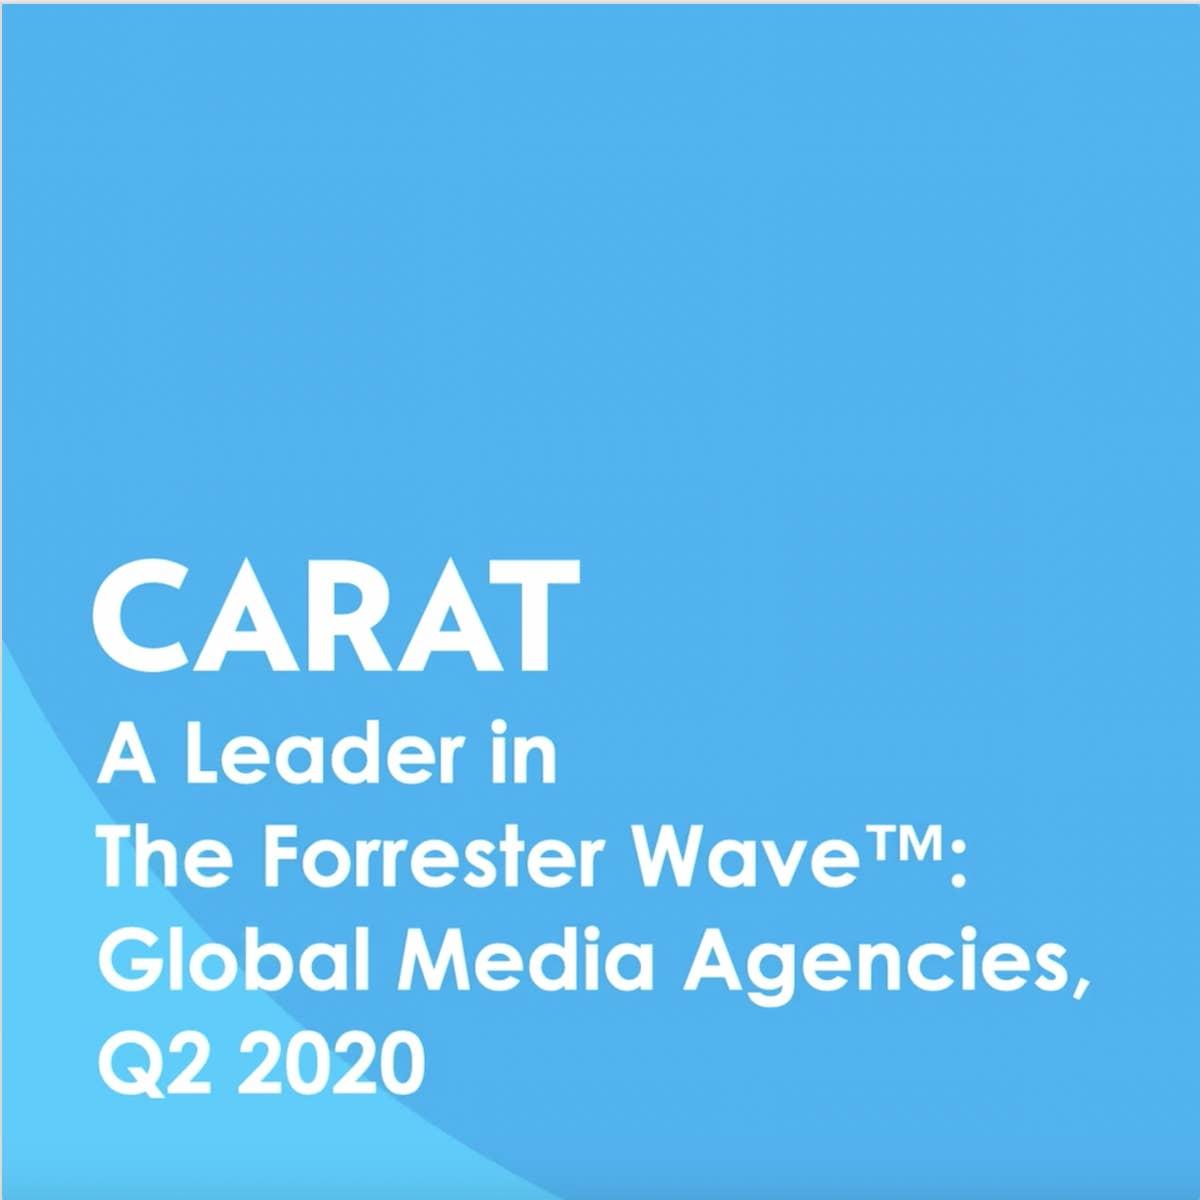 Carat named a leader amongst global media agencies